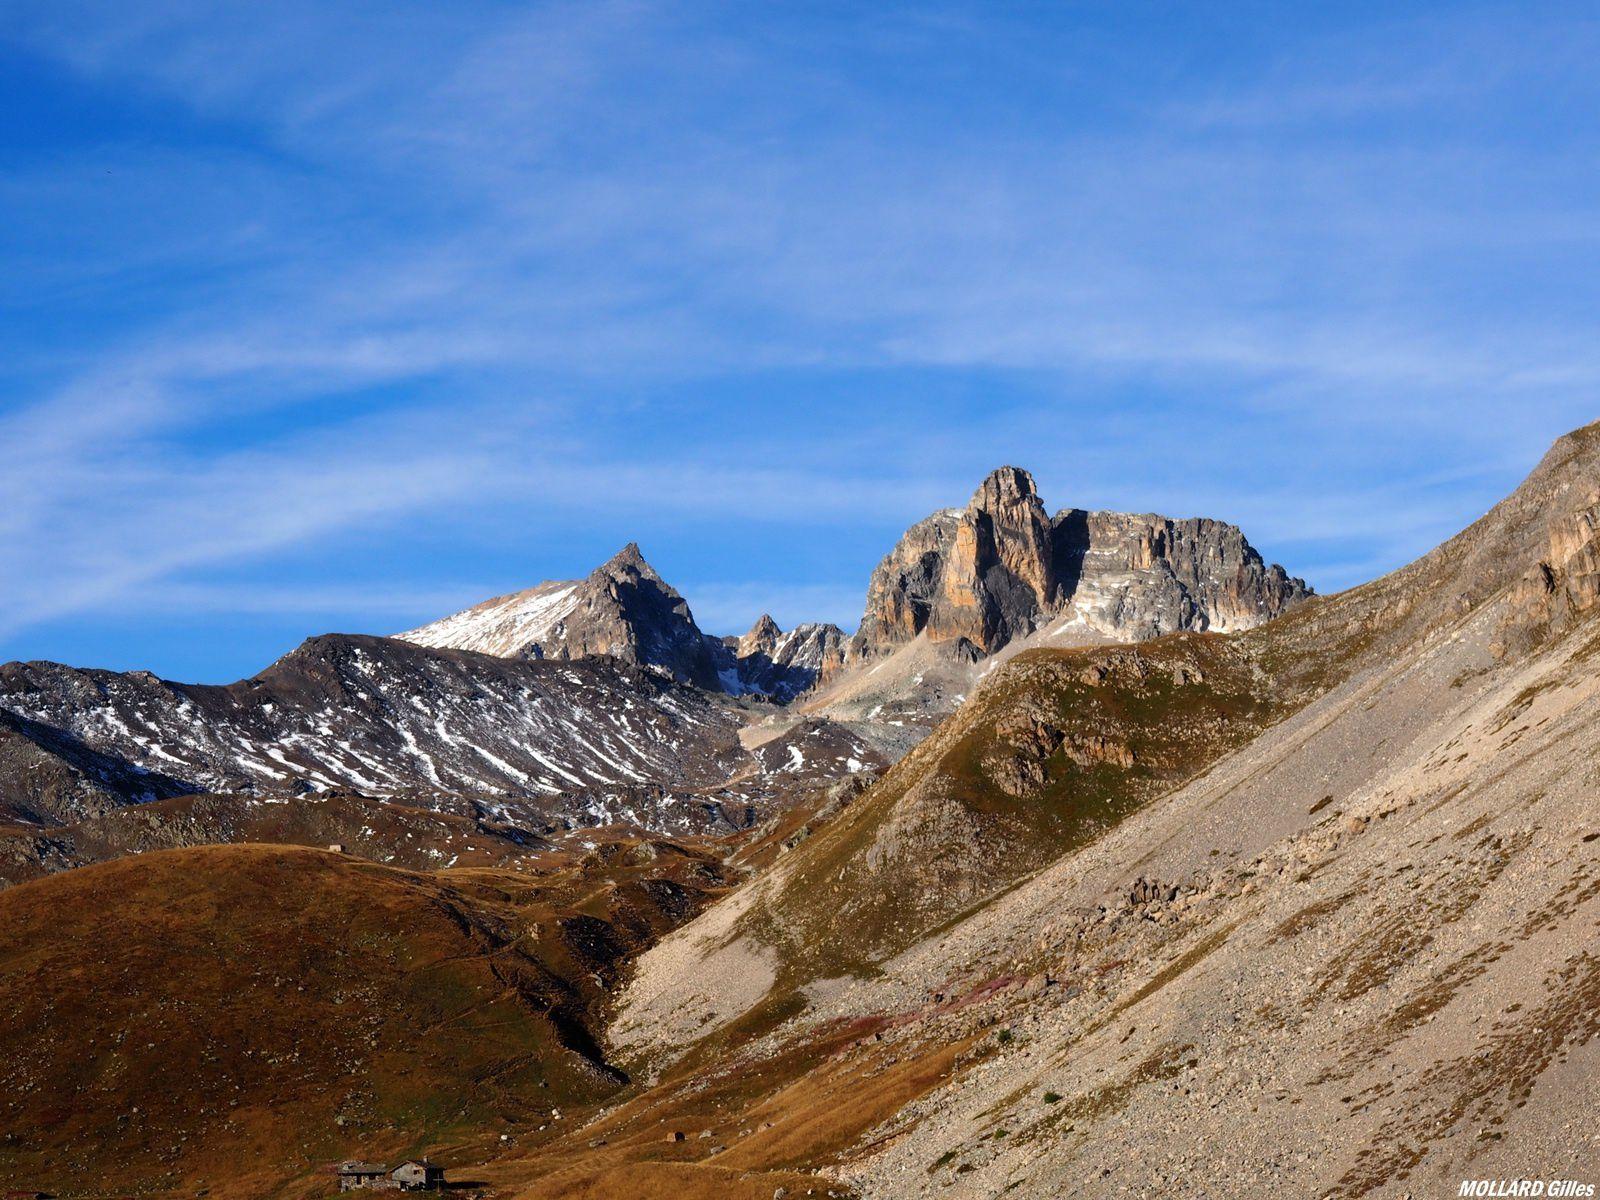 sur cette photo, à gauche (dans la neige) le mont Thabor et sa chapelle, et à droite le Cheval blanc